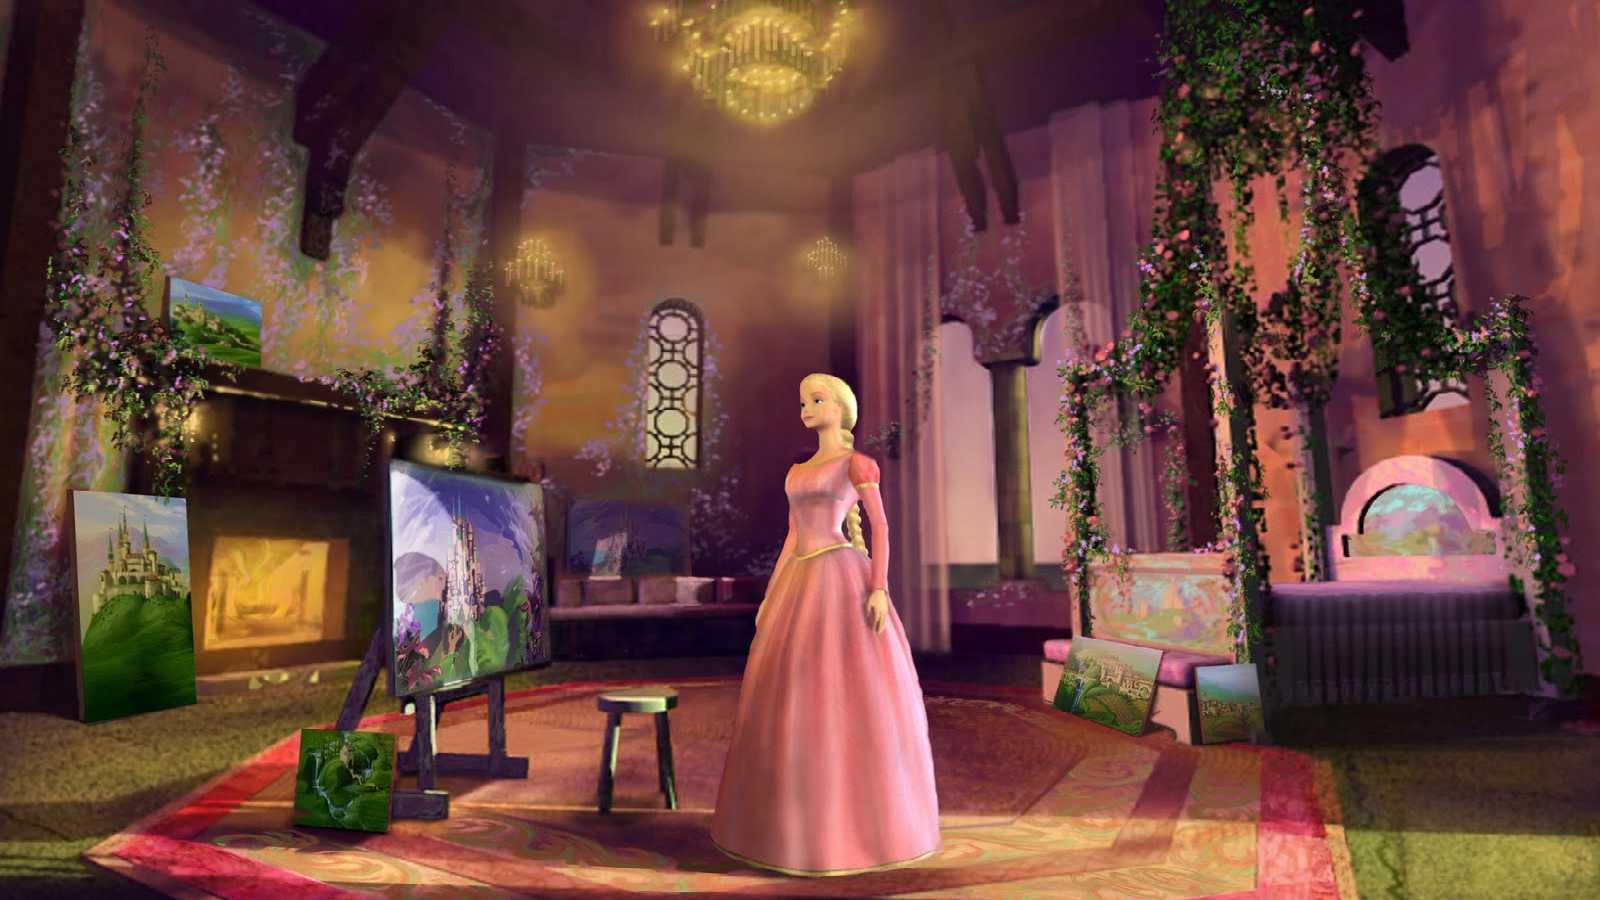 Barbie as Rapunzel - Barbie as Rapunzel Wallpaper (33786412) - Fanpop